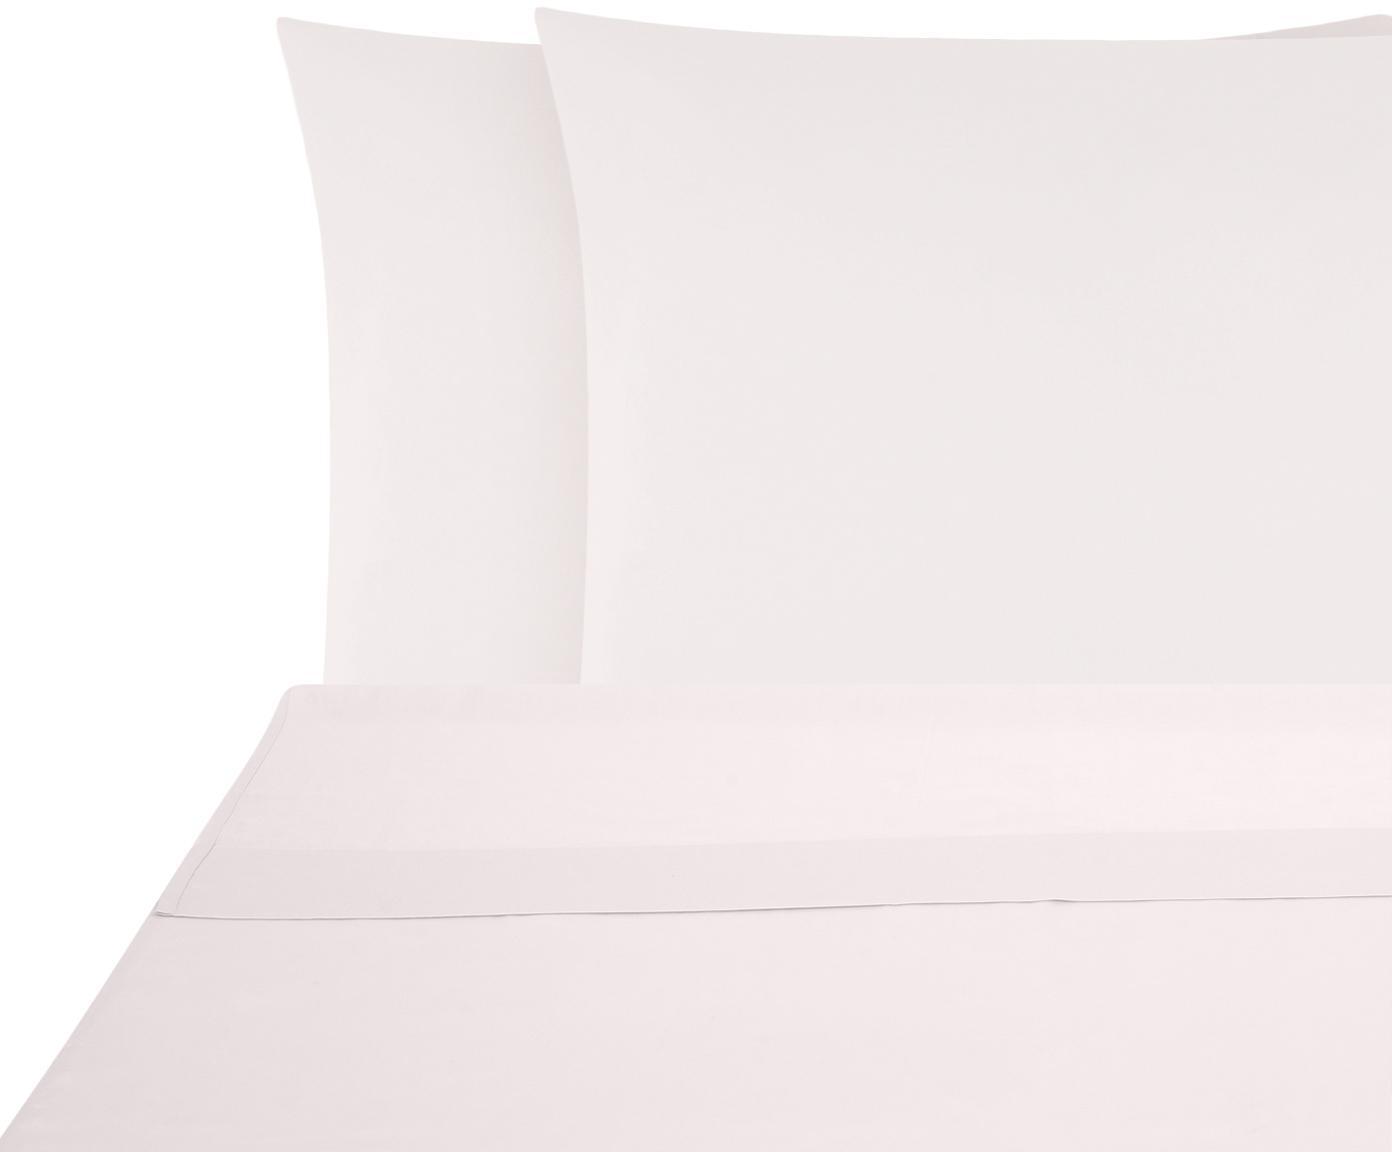 Set lenzuola in raso di cotone Comfort 2 pz, Tessuto: raso Densità del filo 250, Rosa, 240 x 300 cm